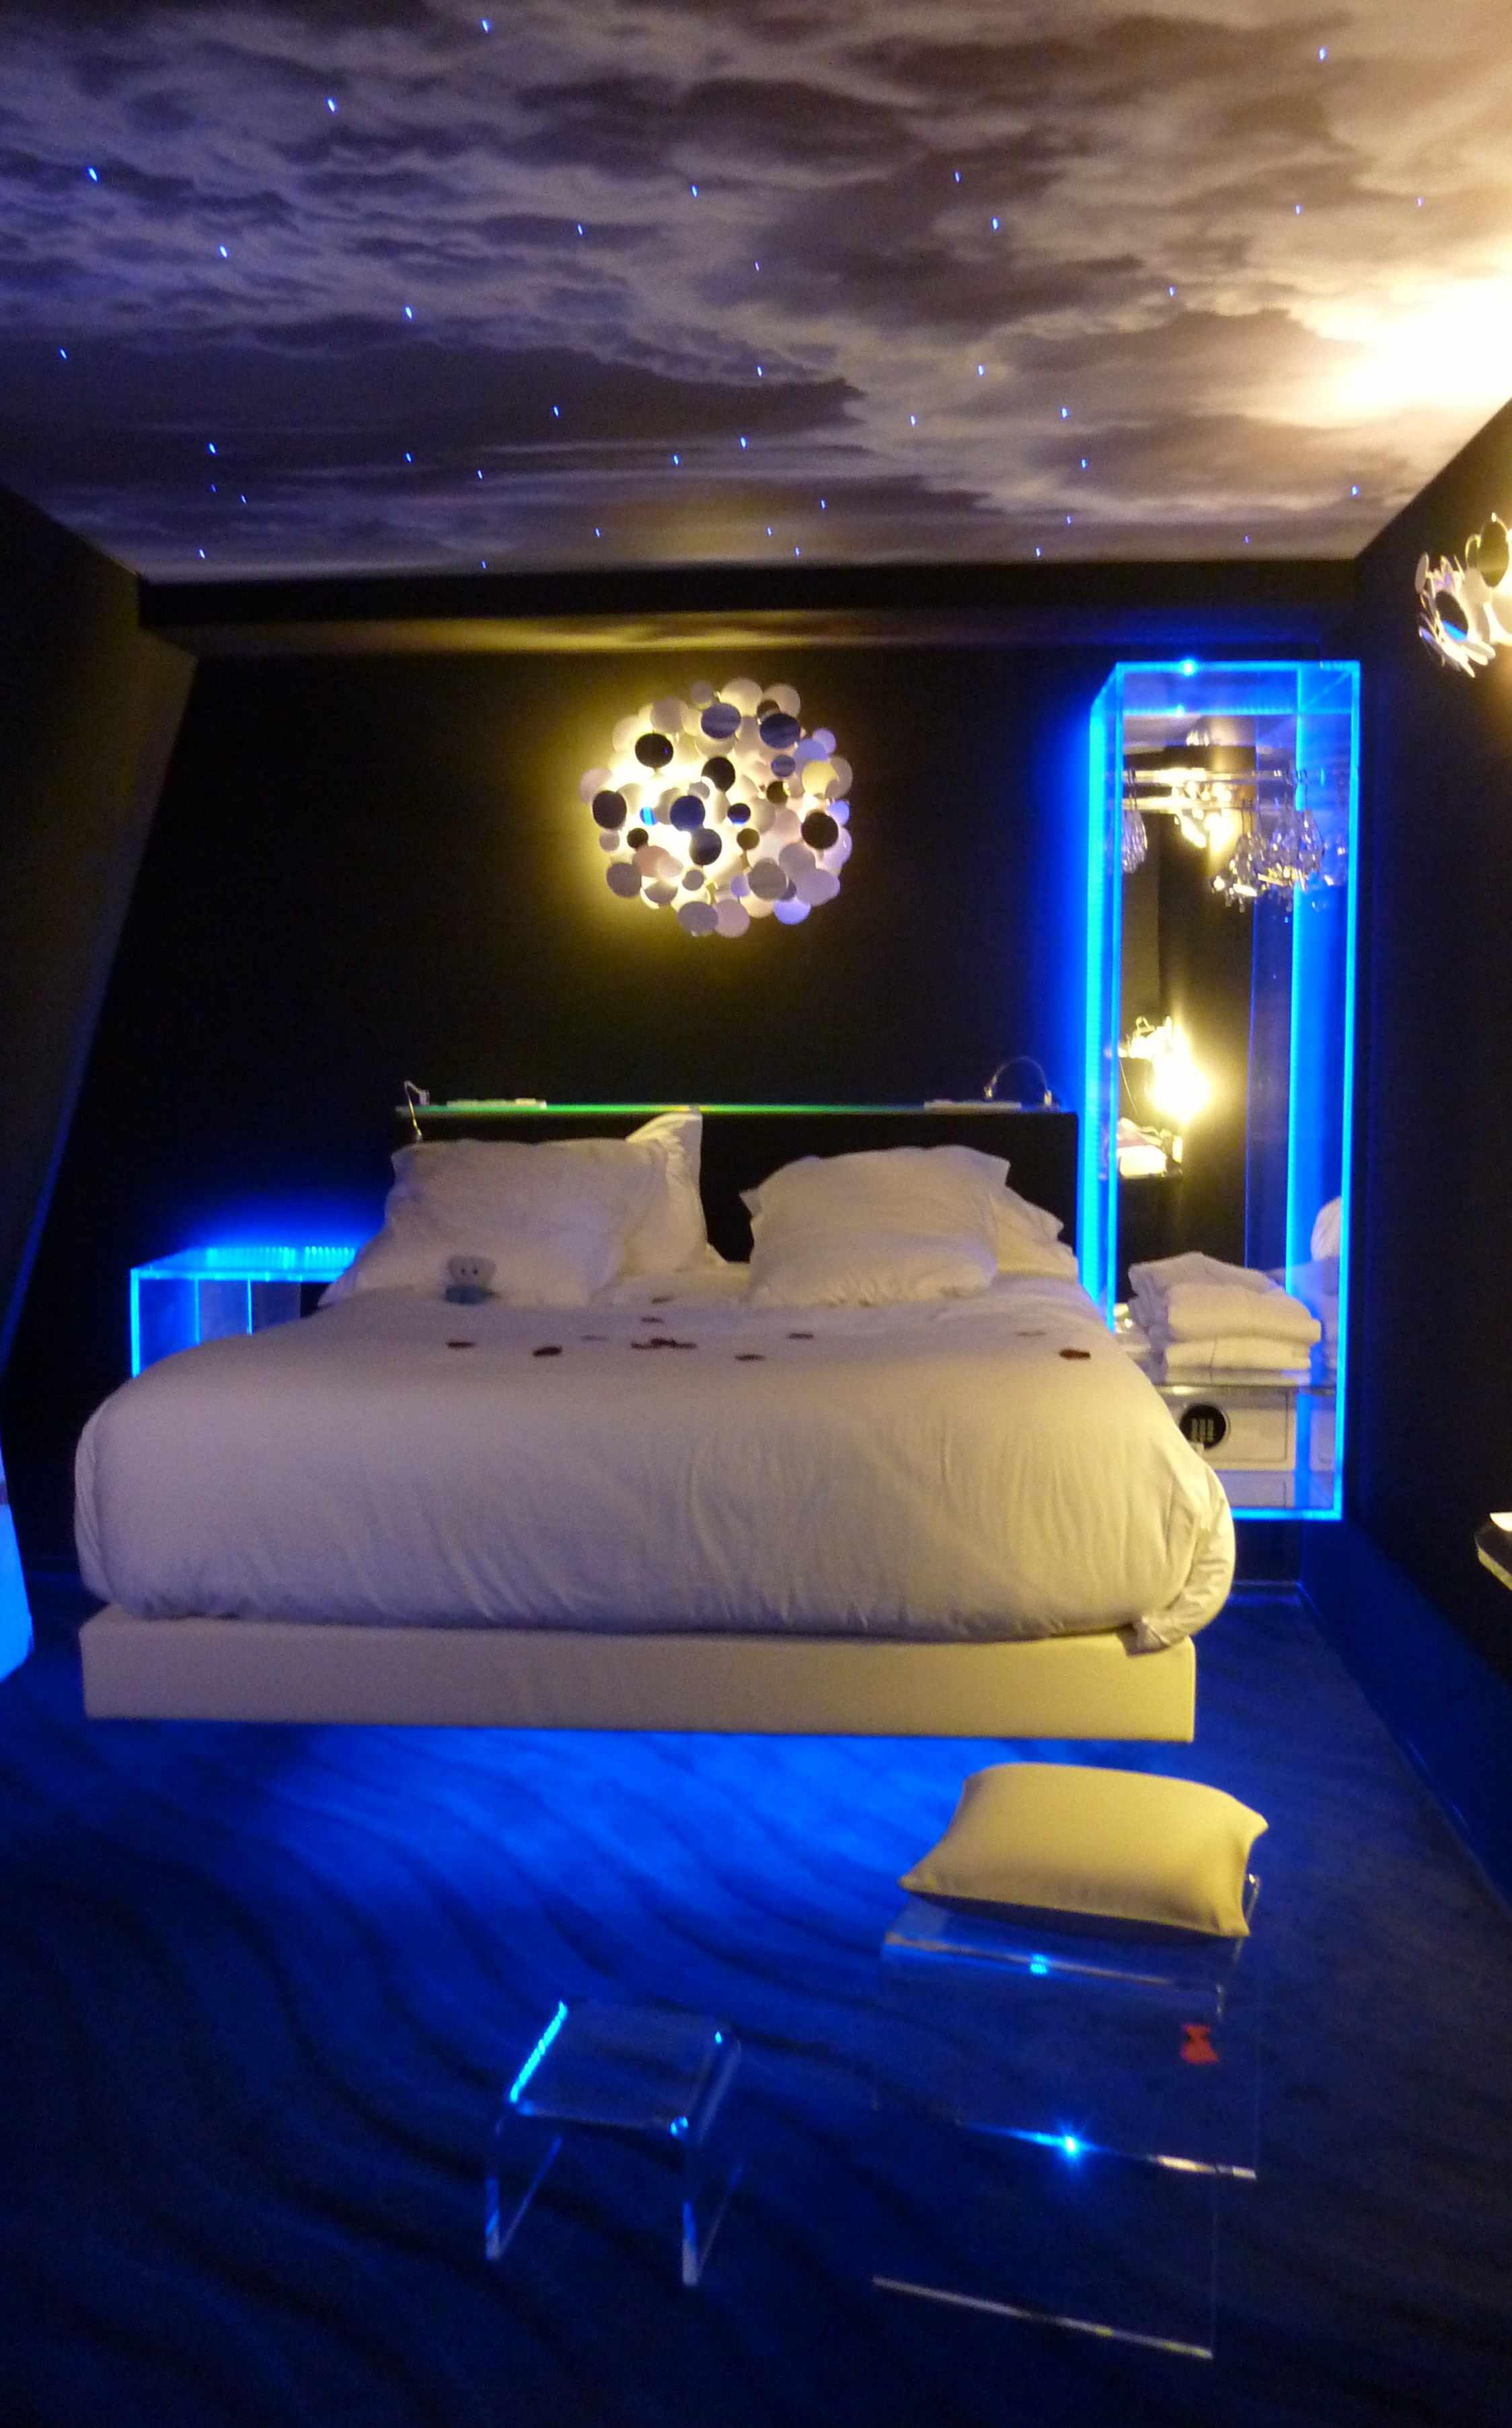 Chambre lit suspendu lavieenrouge for Chambre de nuit de noce